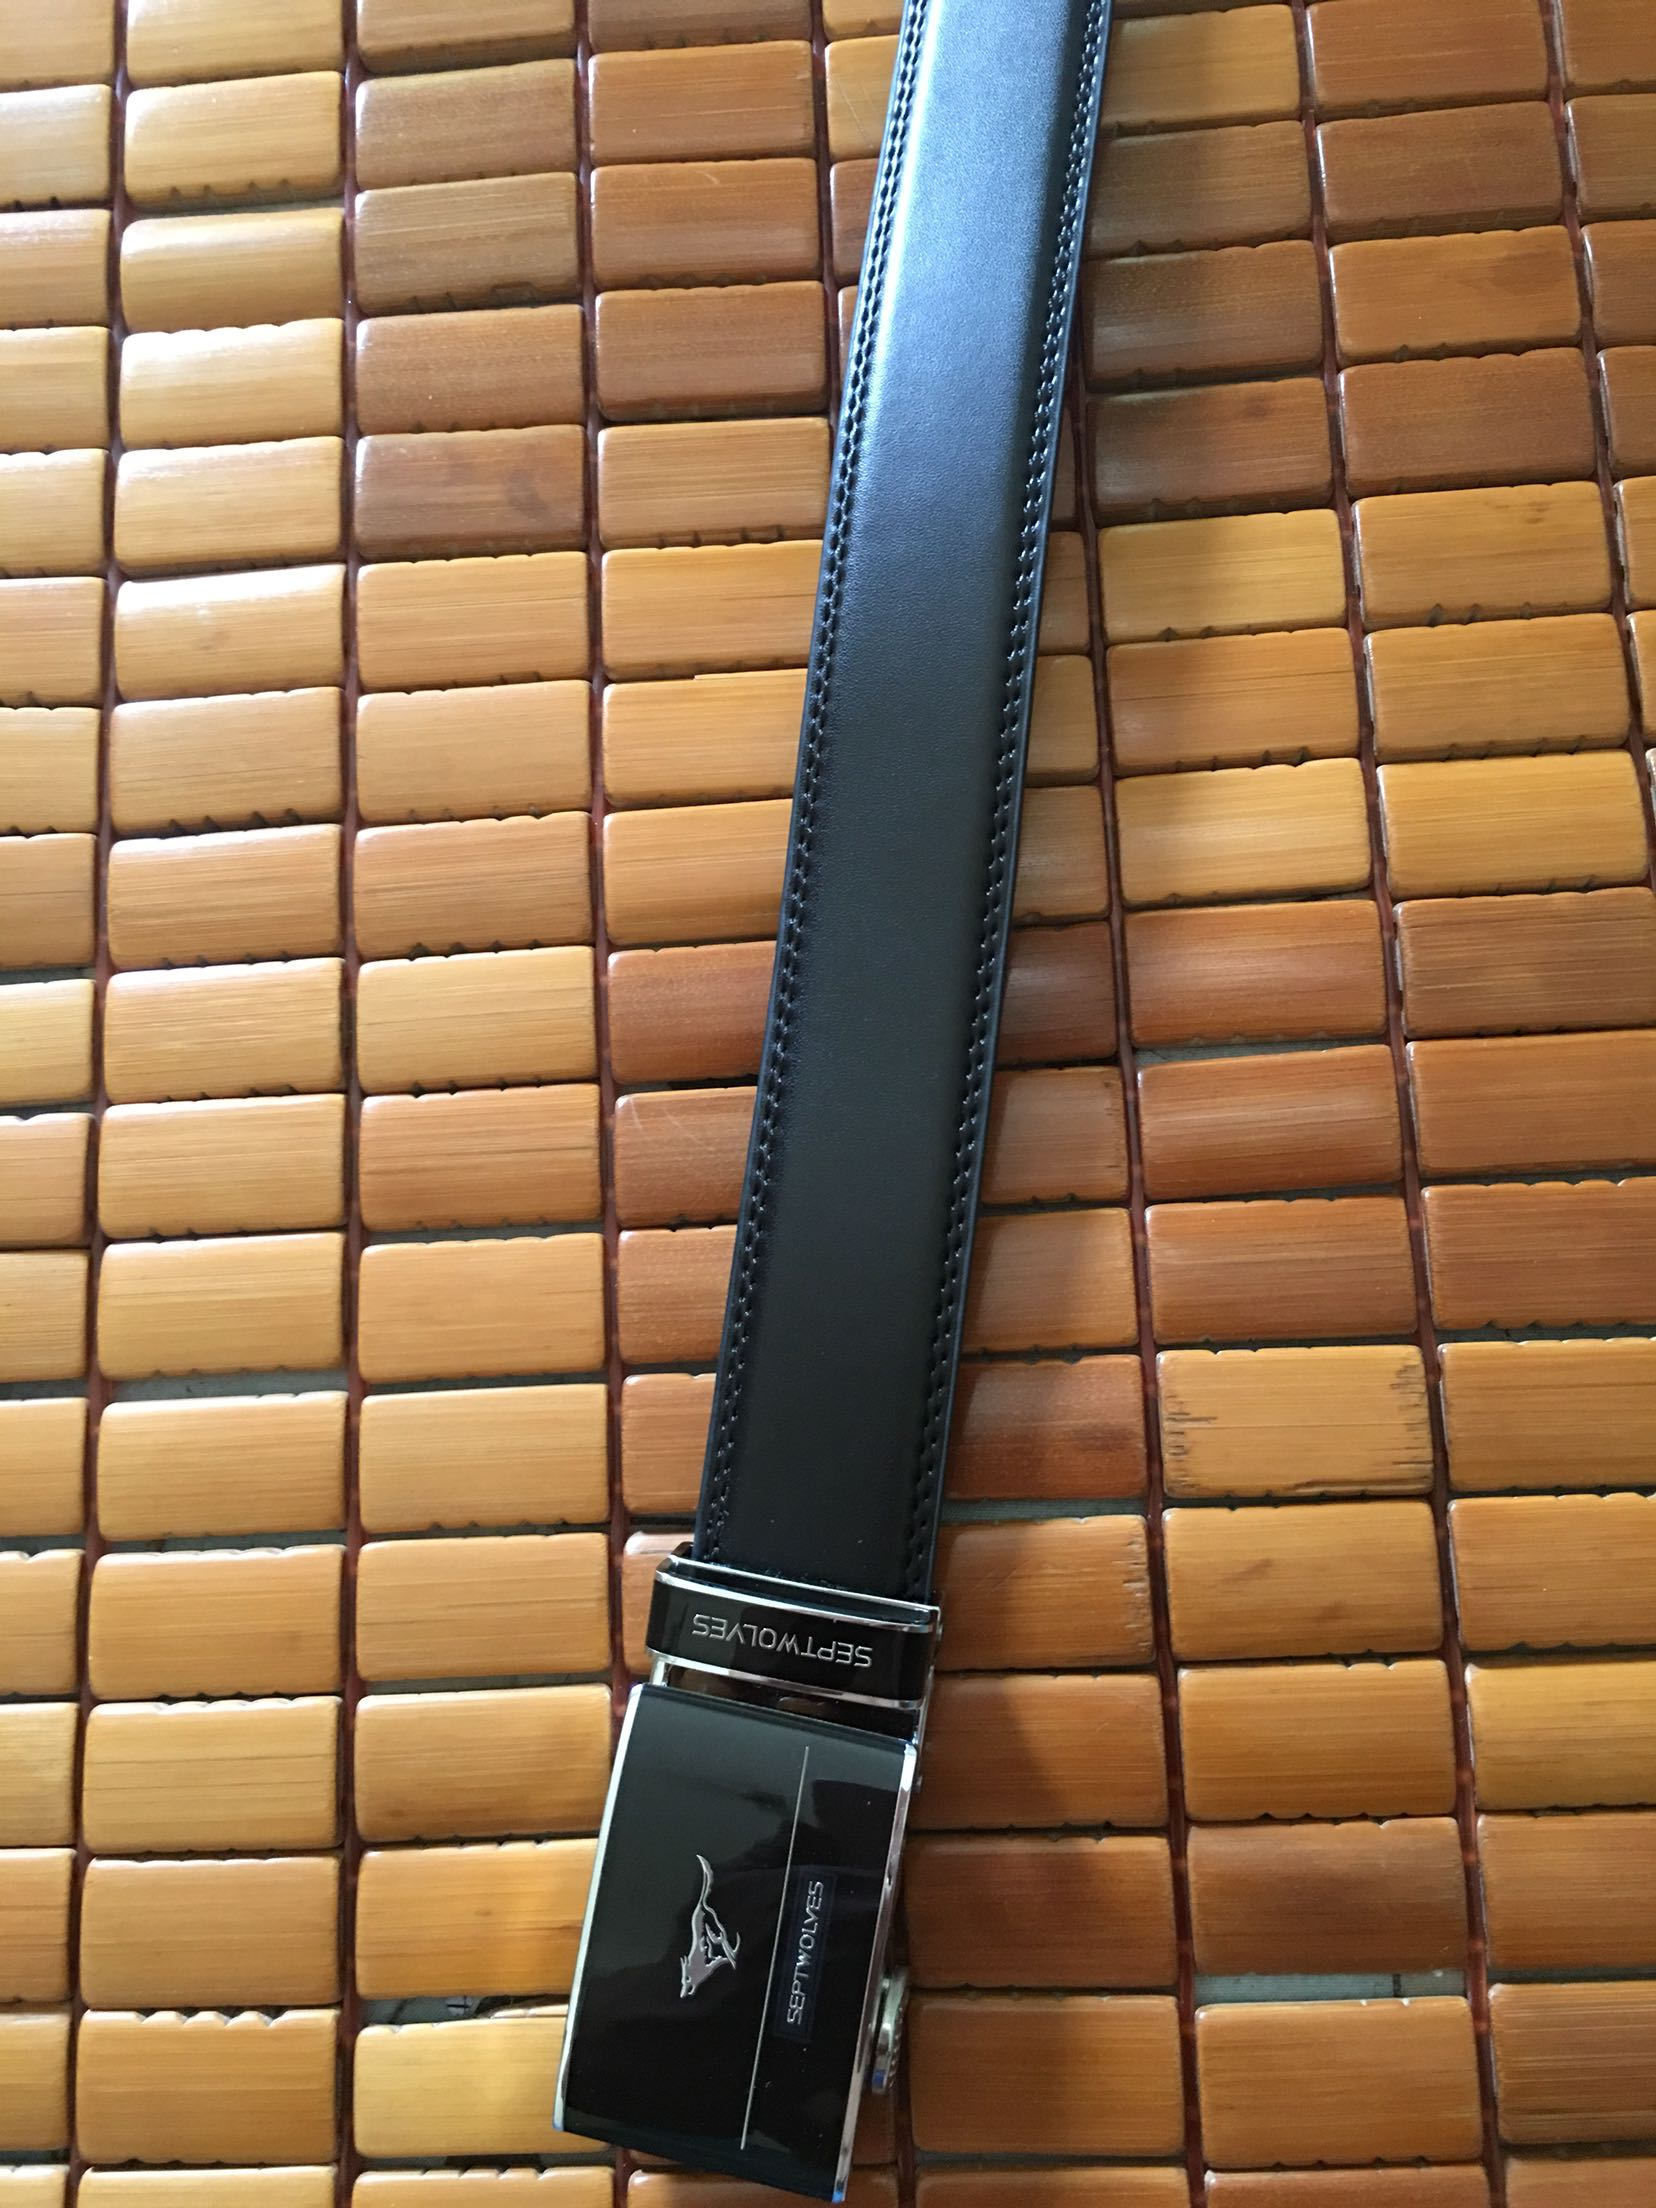 men coats 002 balenciaga nike shoes 88821 forsale